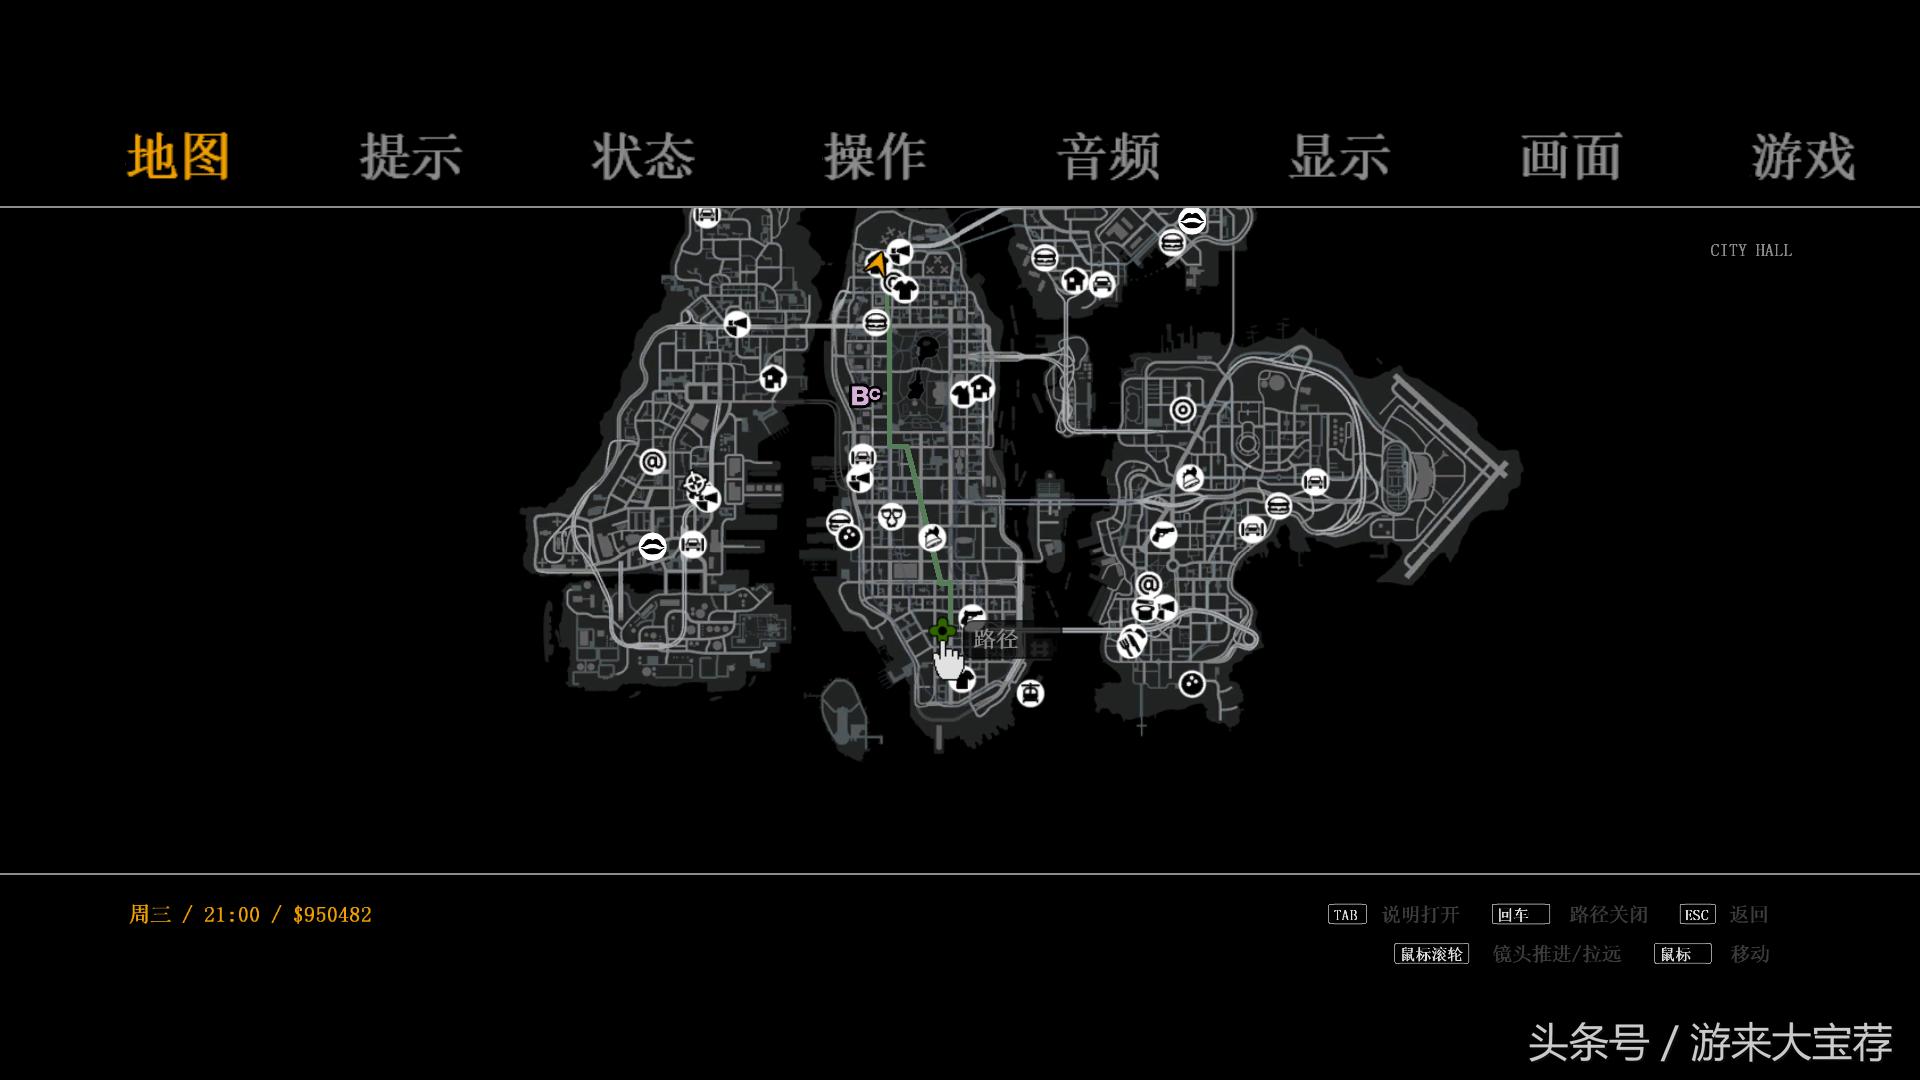 盘点历代GTA当中那些隐藏的地图,好多老玩家甚至都未曾见过